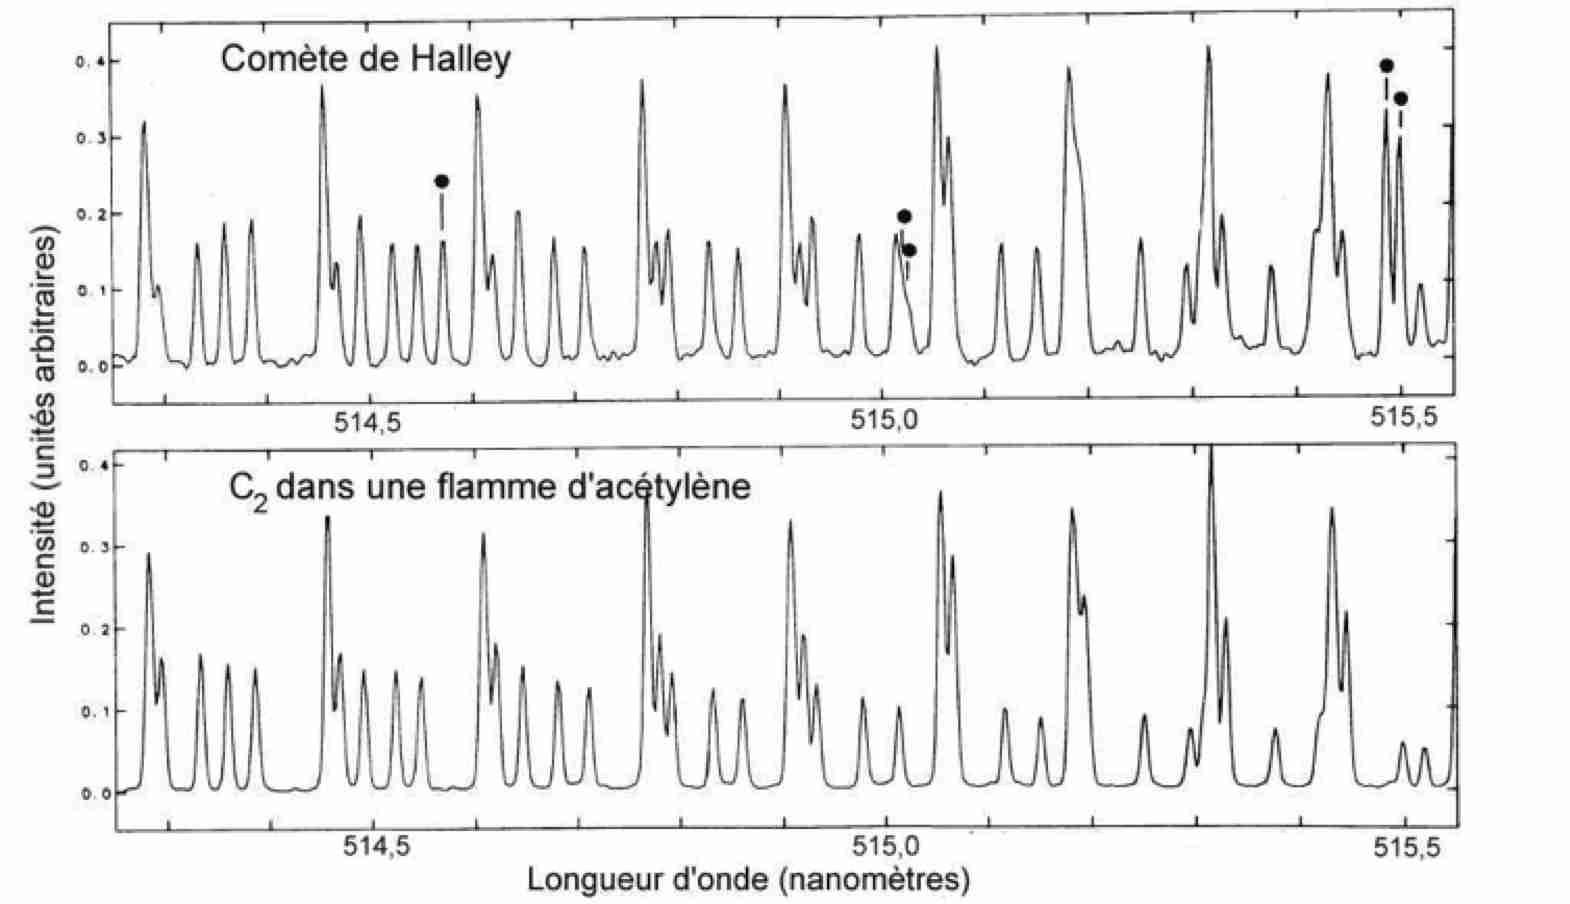 Le spectre des comètes - 4